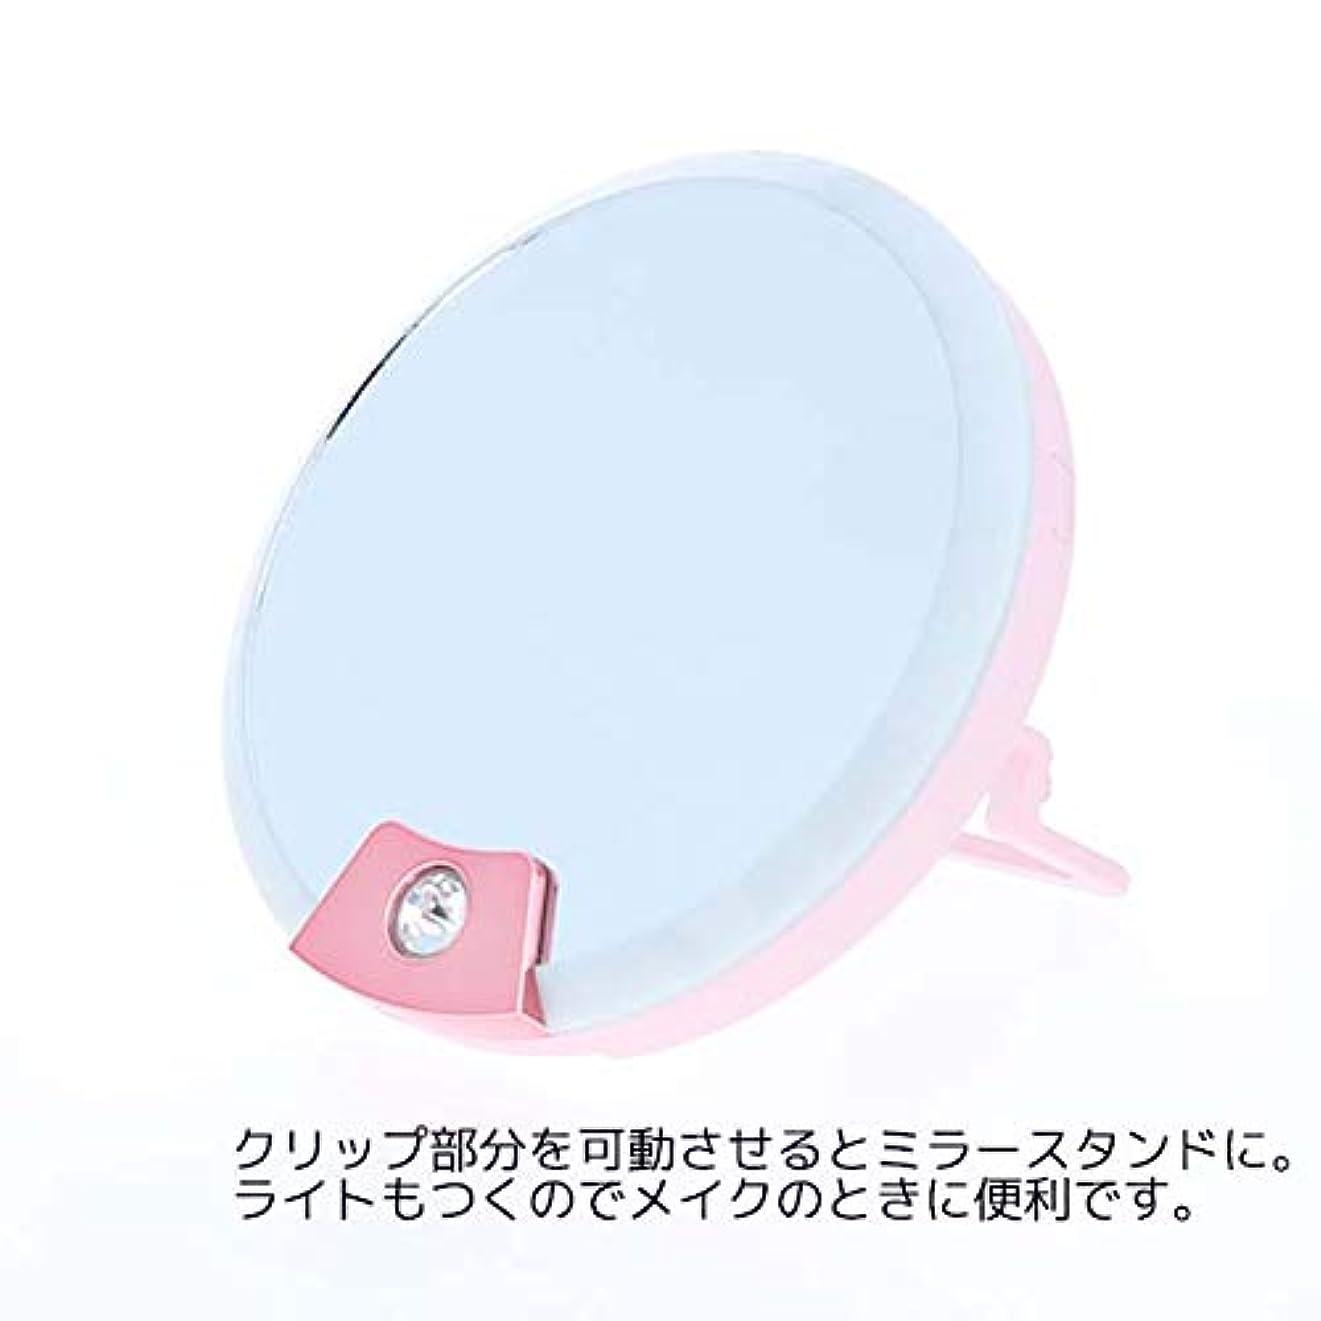 移動故障頼るtinyM ミラーつきライト TM-2 コンパクト鏡 化粧鏡 自撮り インスタ映え